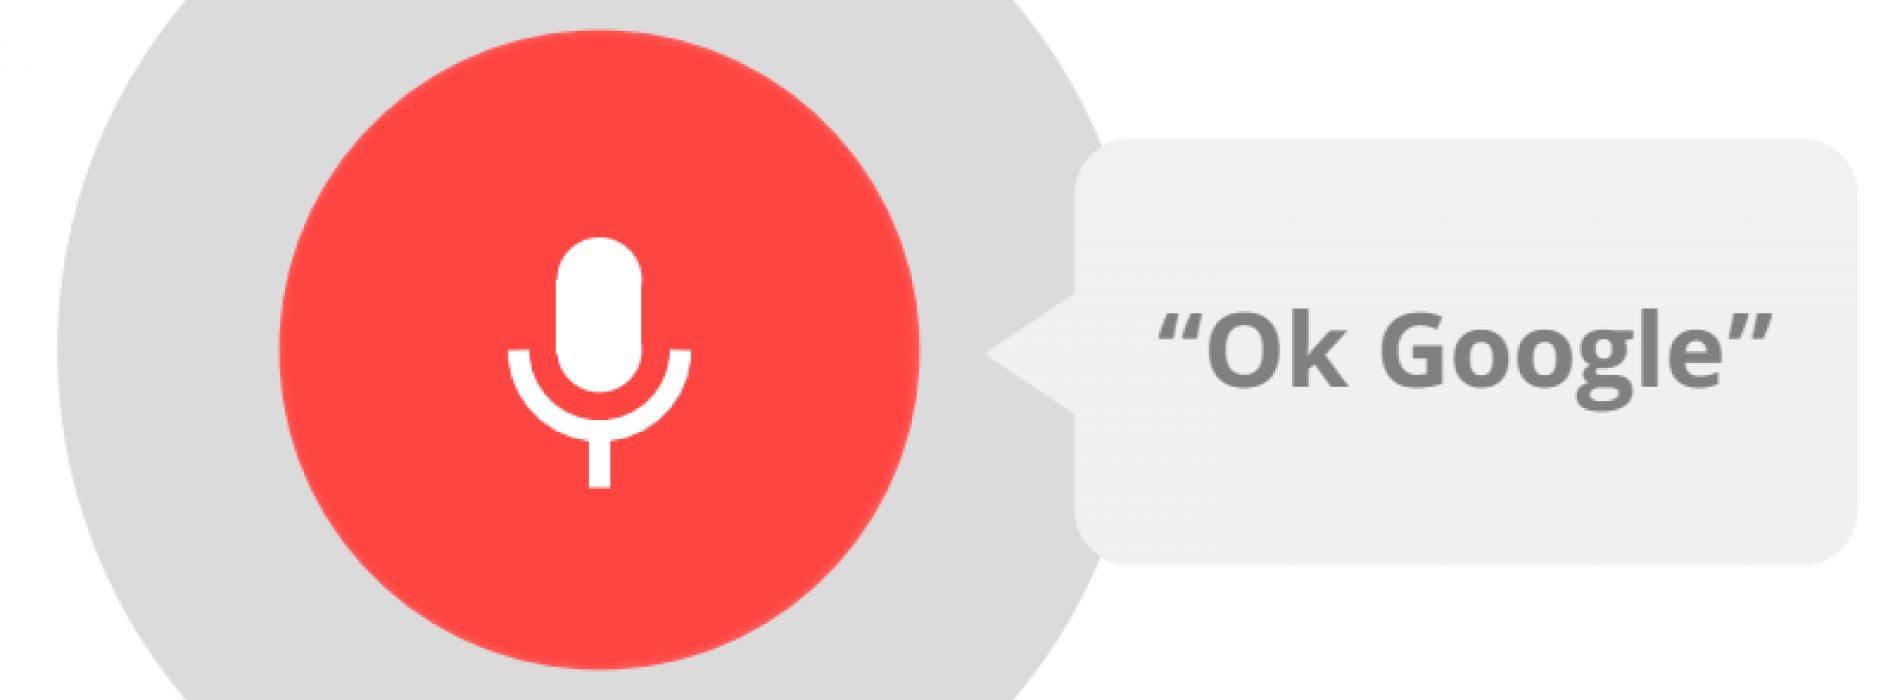 Как включить «Ok, Google»: Краткое руководство по эксплуатации